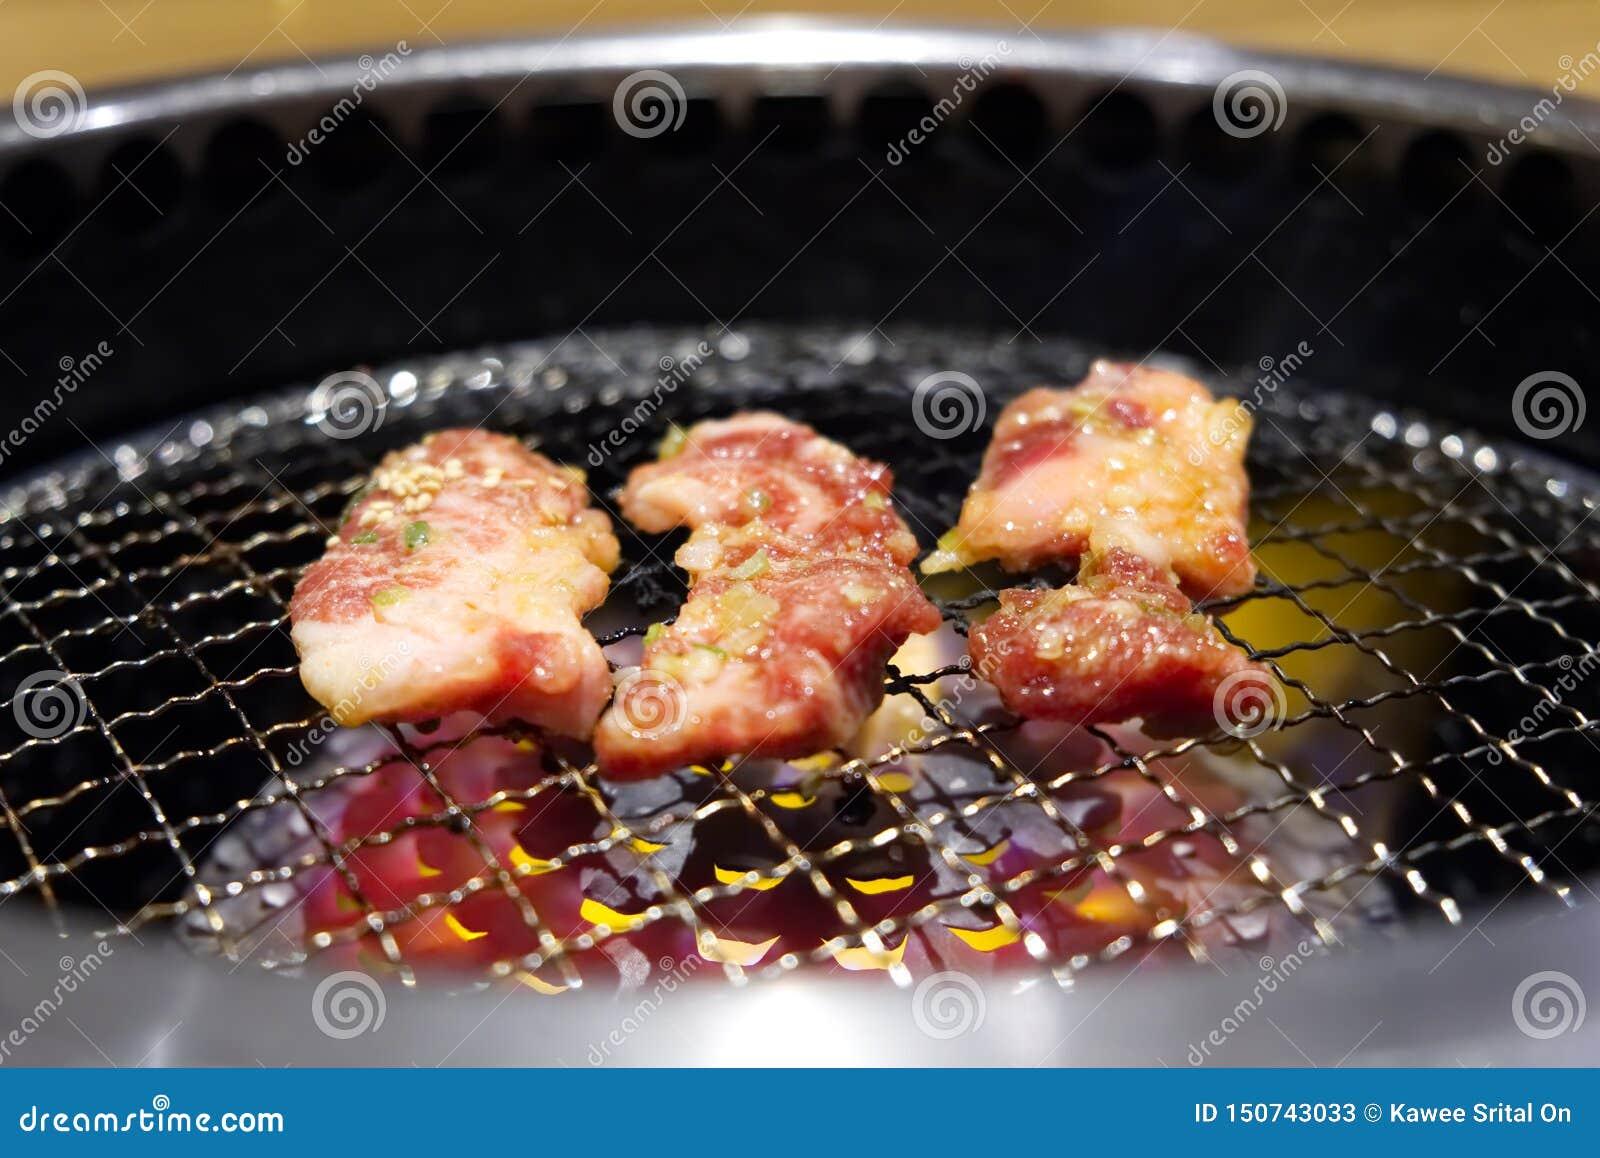 Yakiniku o carne de vaca asada a la parrilla japonesa de la barbacoa en parrilla